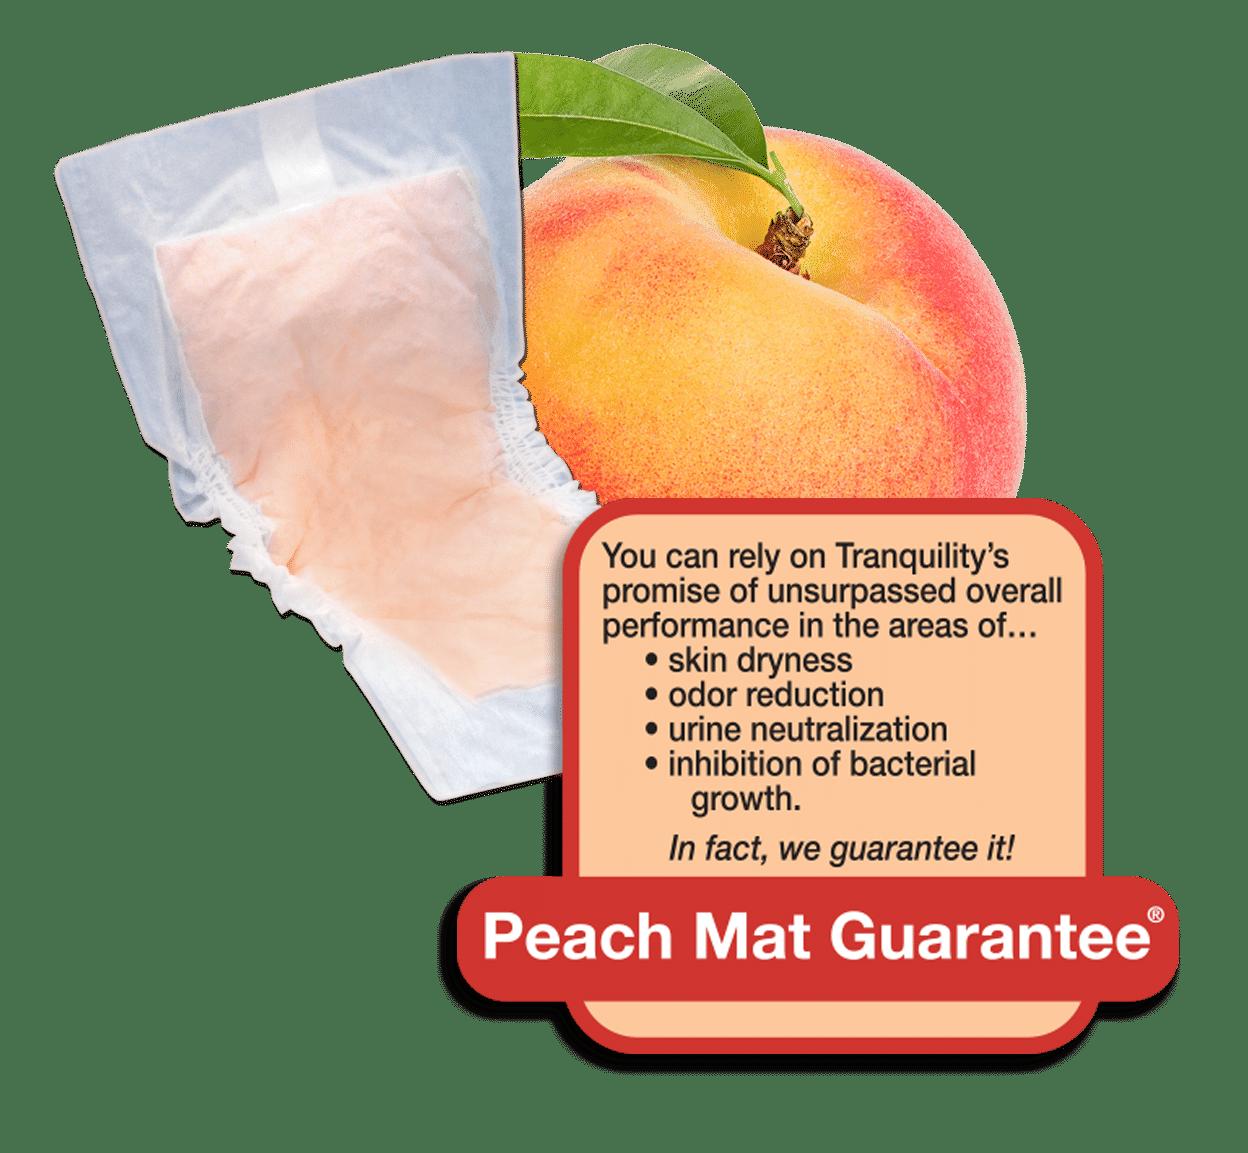 Peach Mat Guarantee